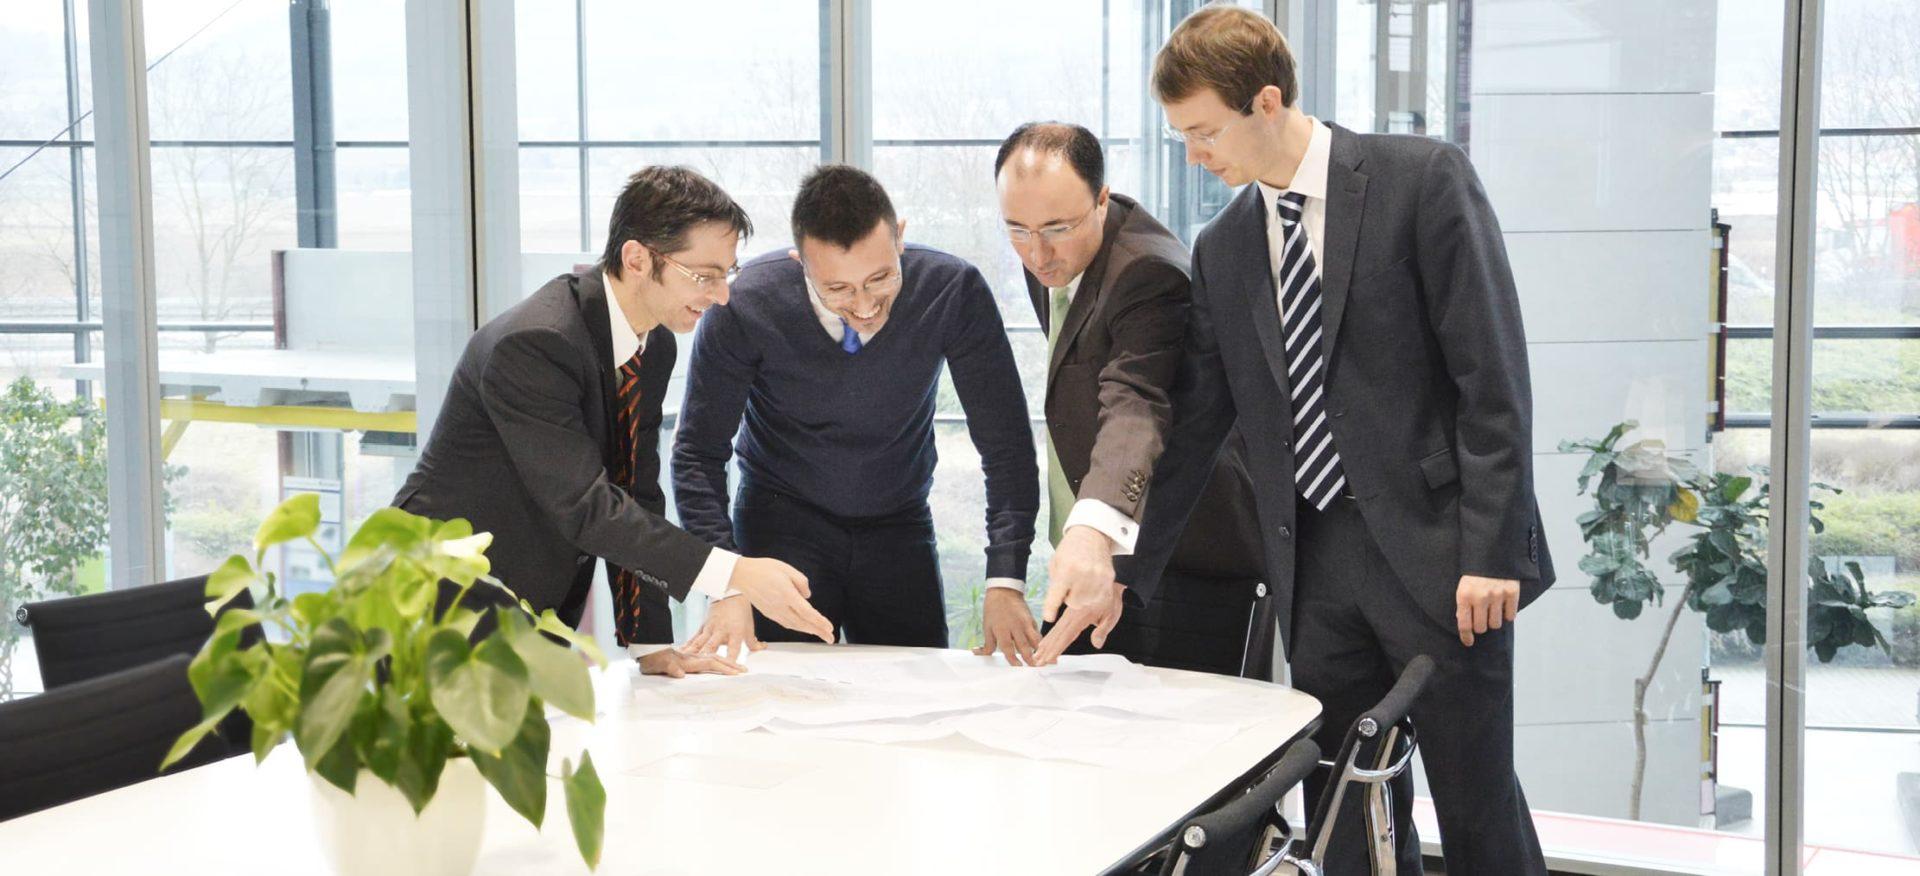 Ein Team von vier Männern diskutiert Baupläne